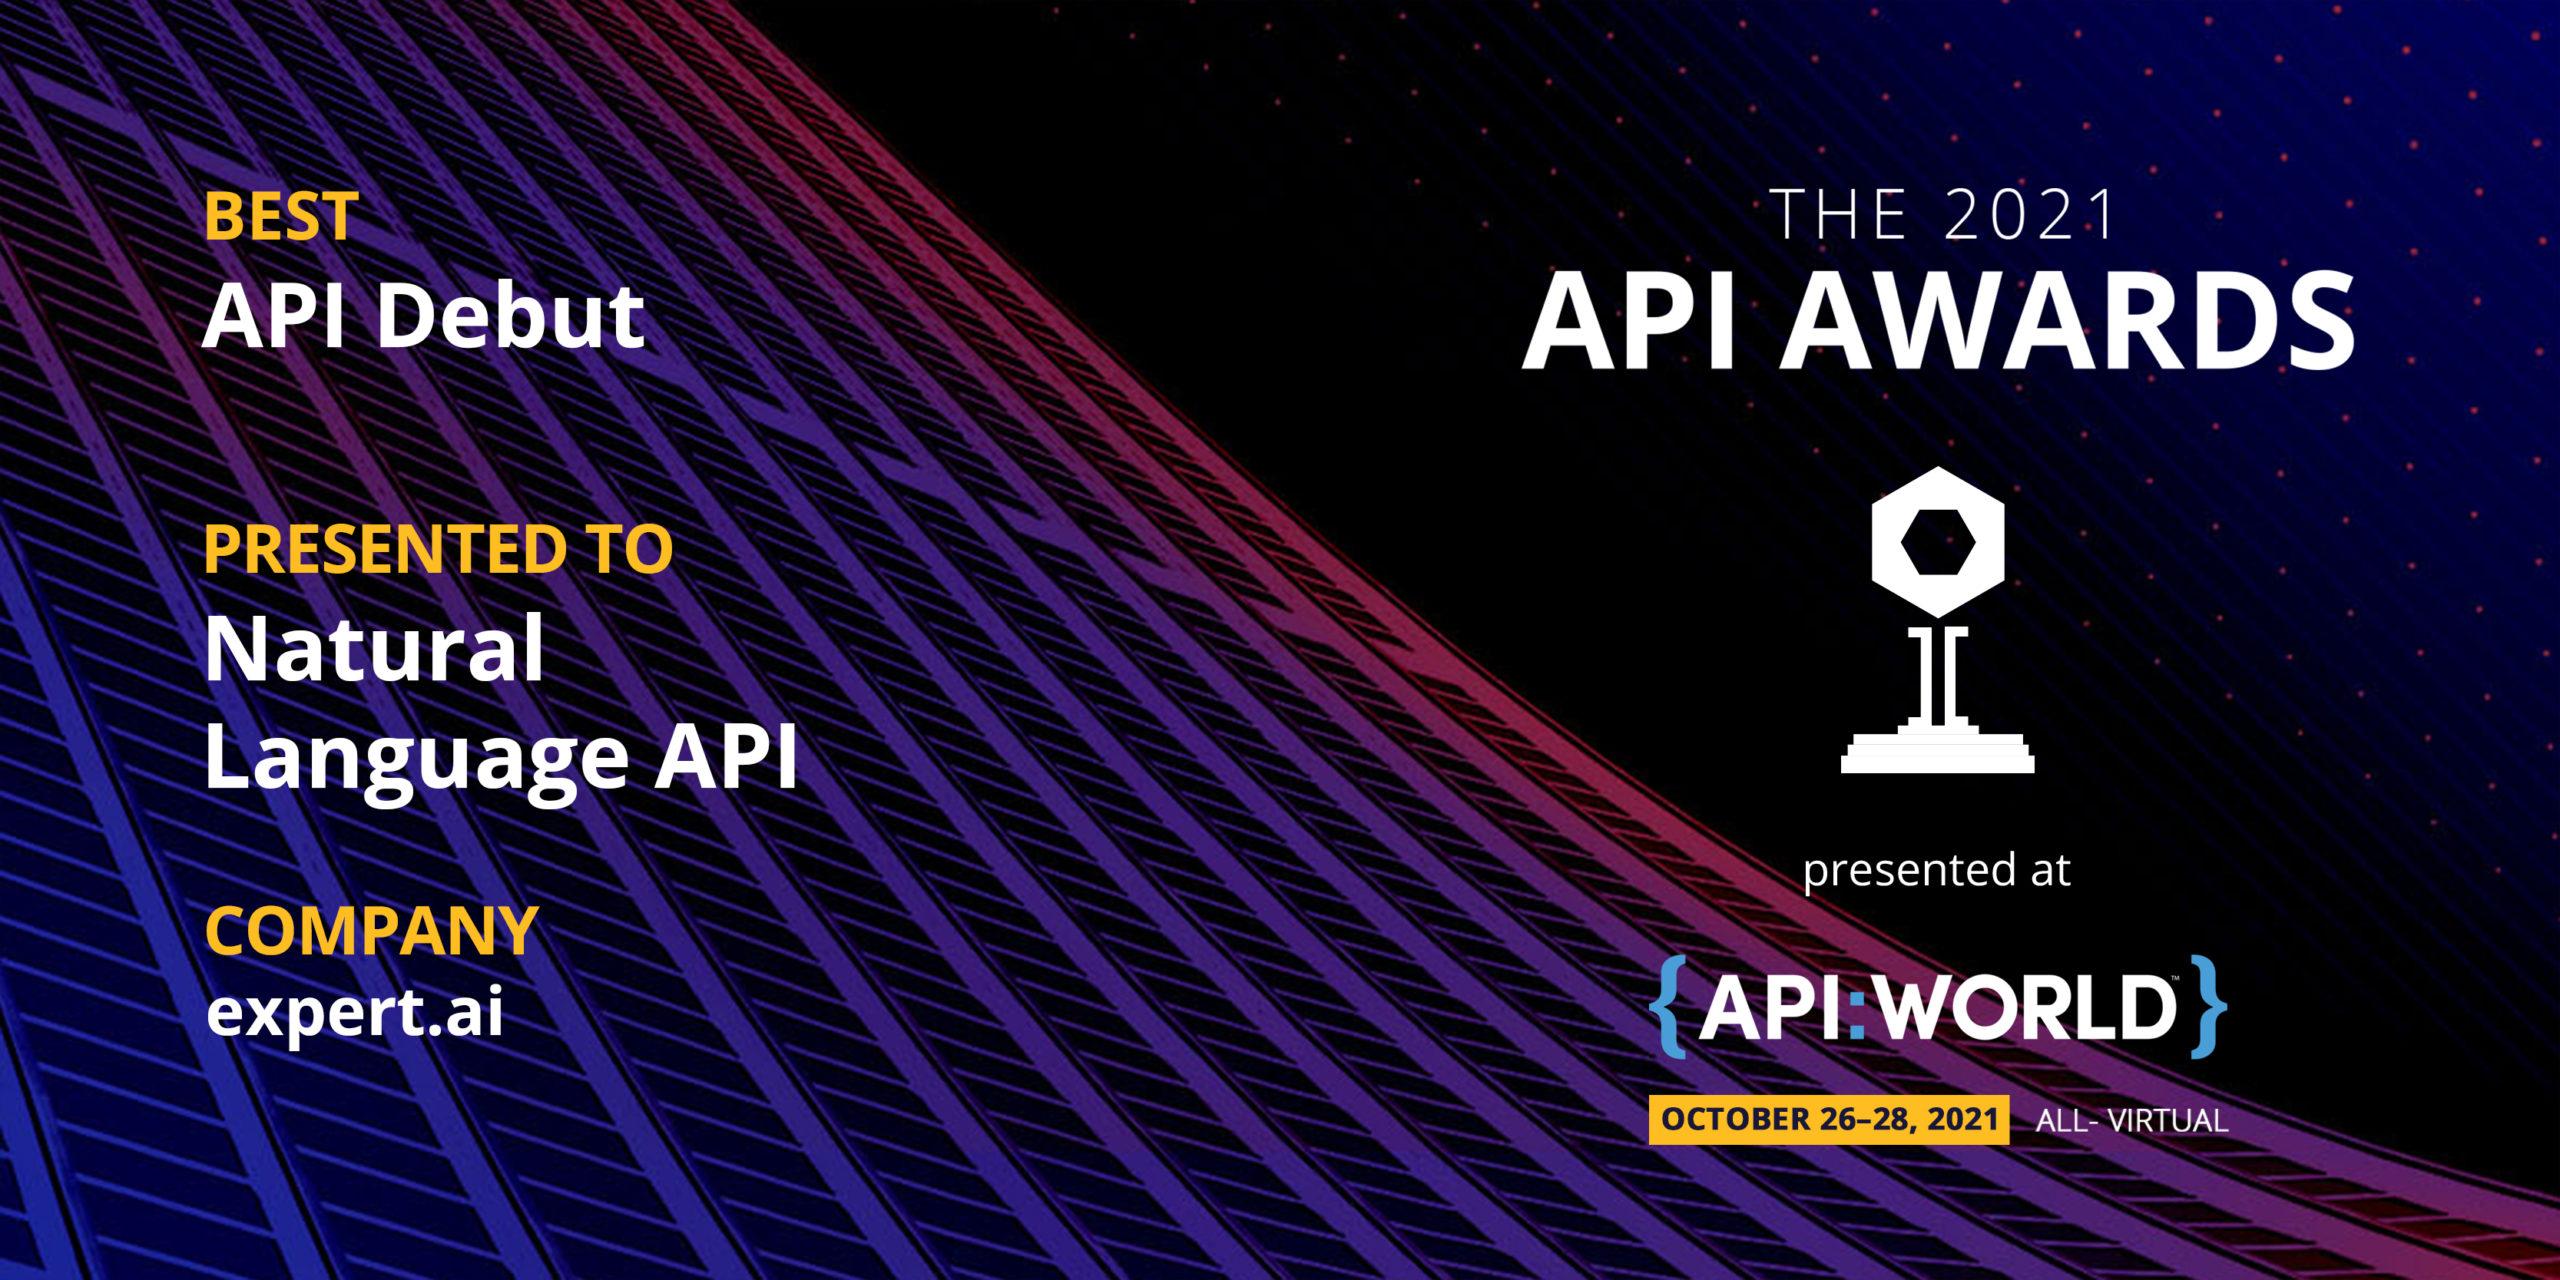 Expert.ai Named Winner in 2021 API Award